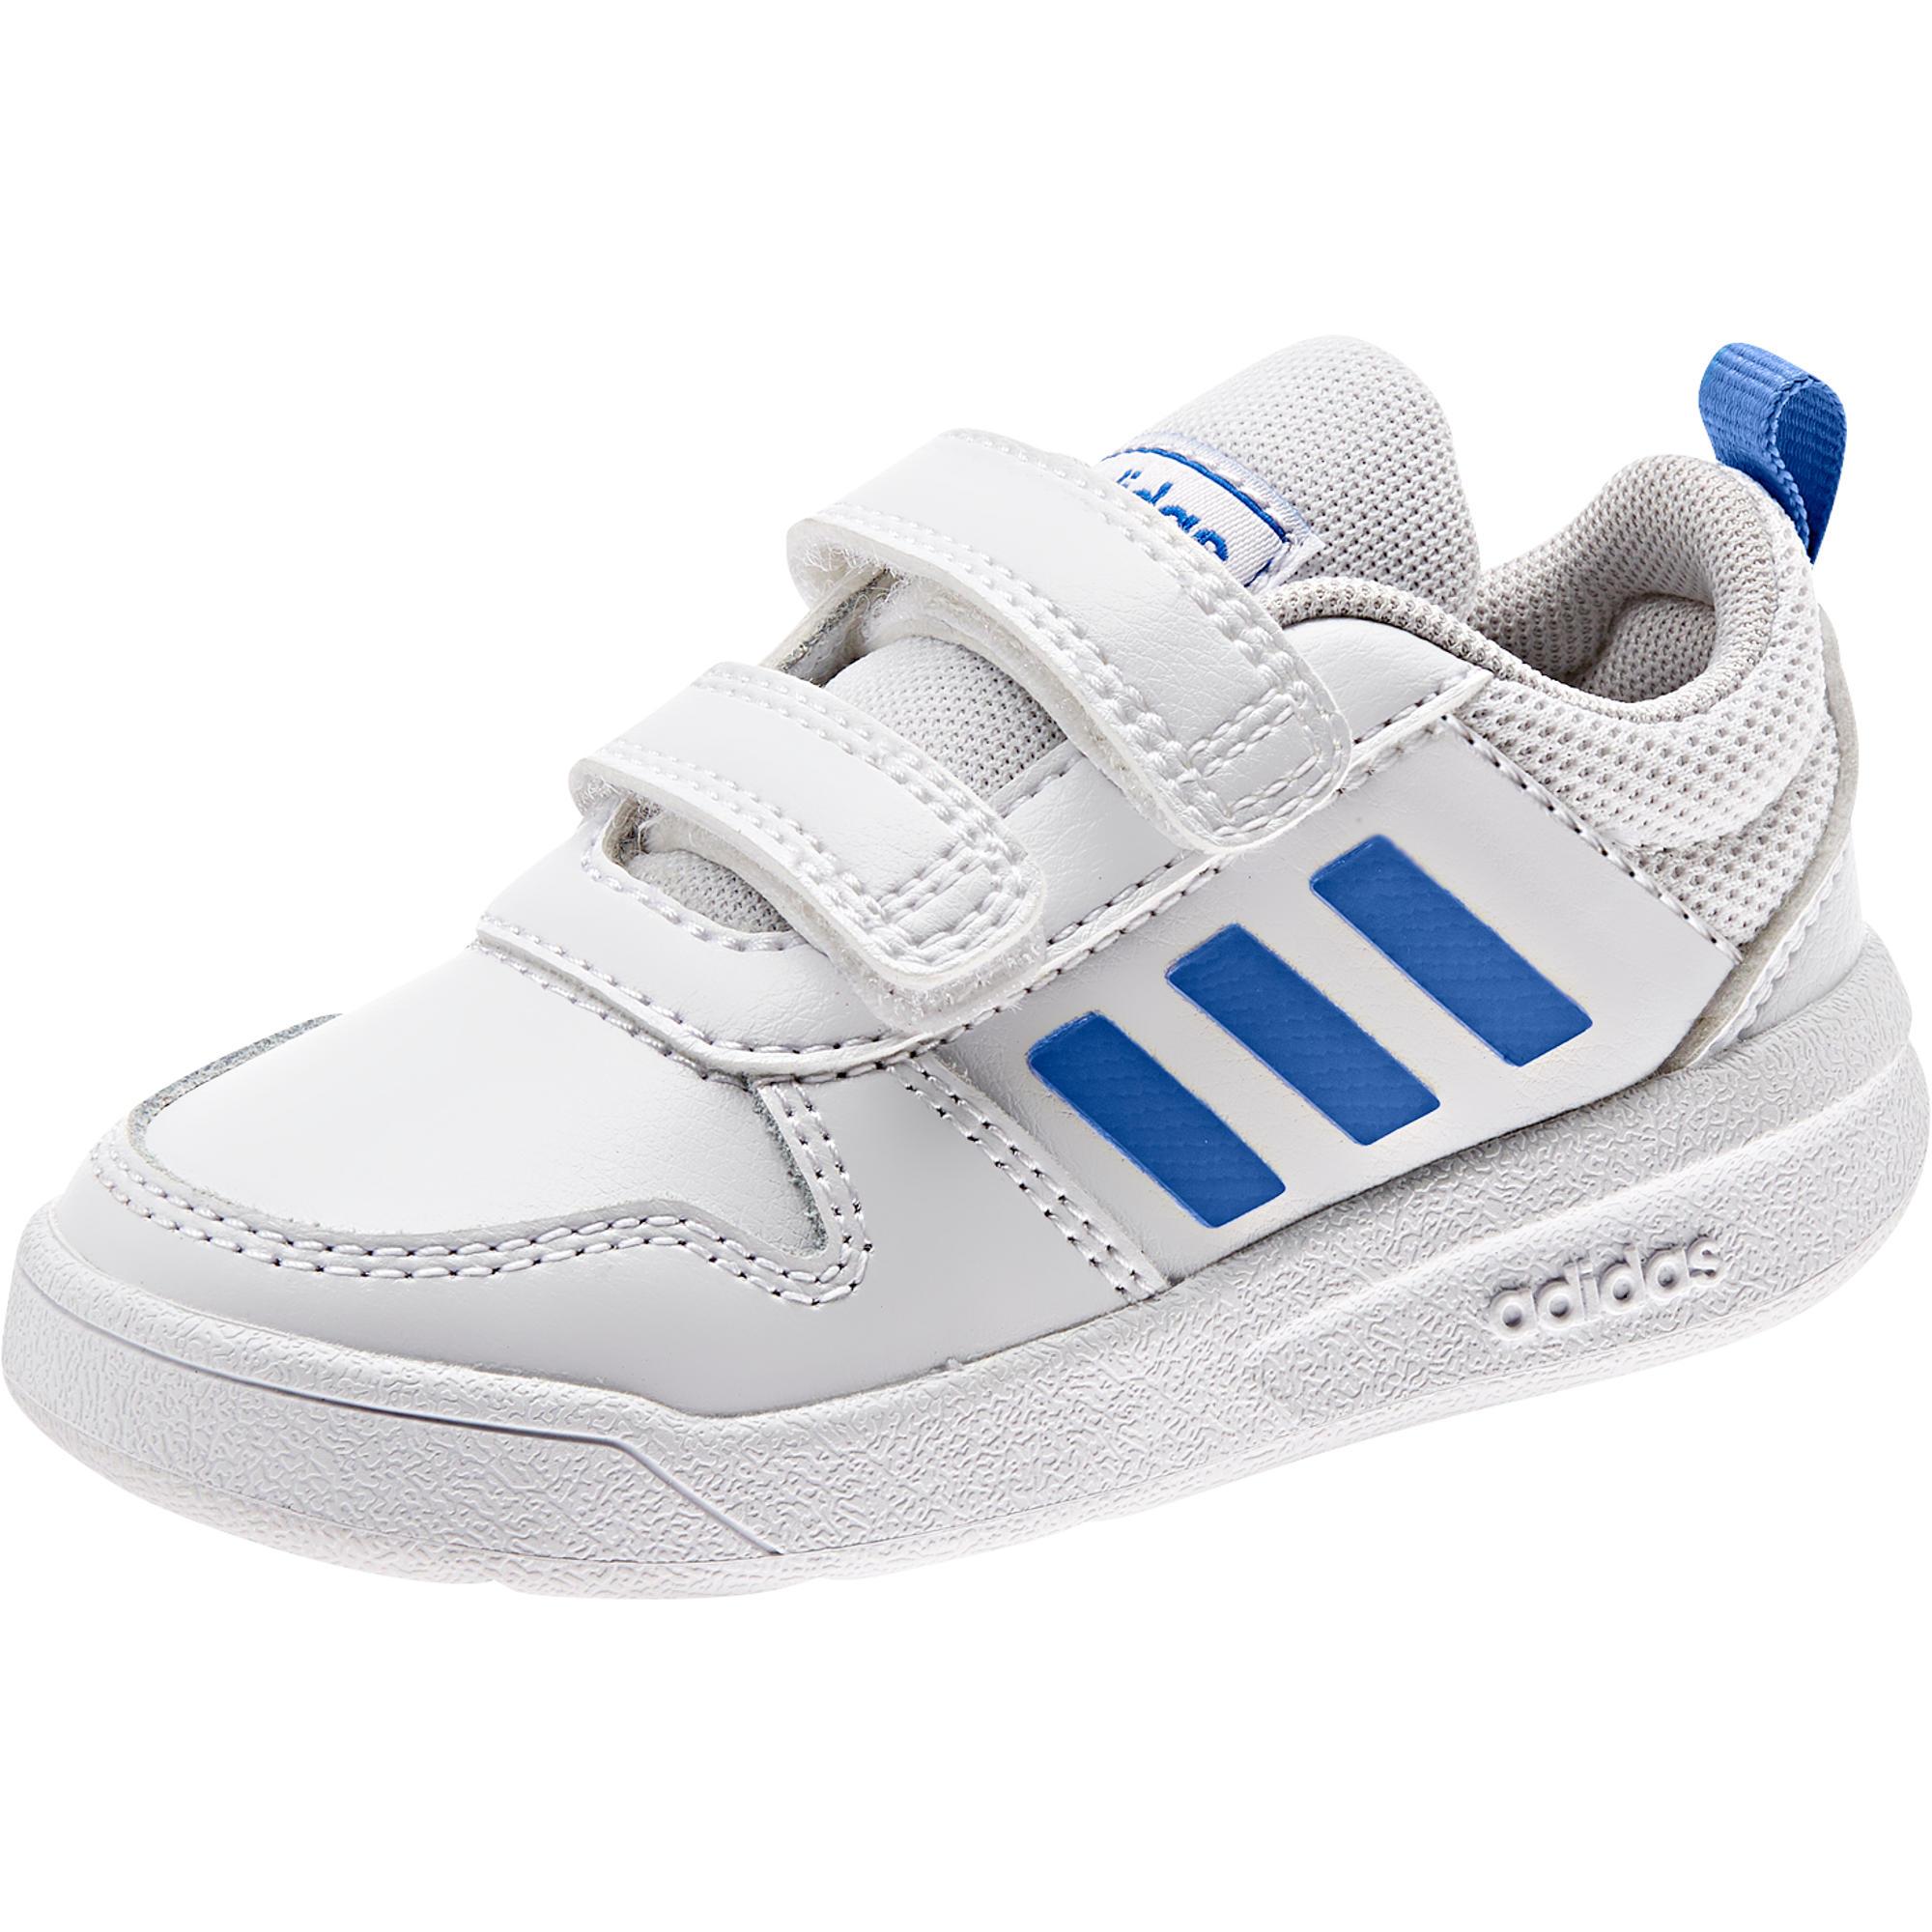 Încălțăminte ADIDAS băieți Adidas Promoție